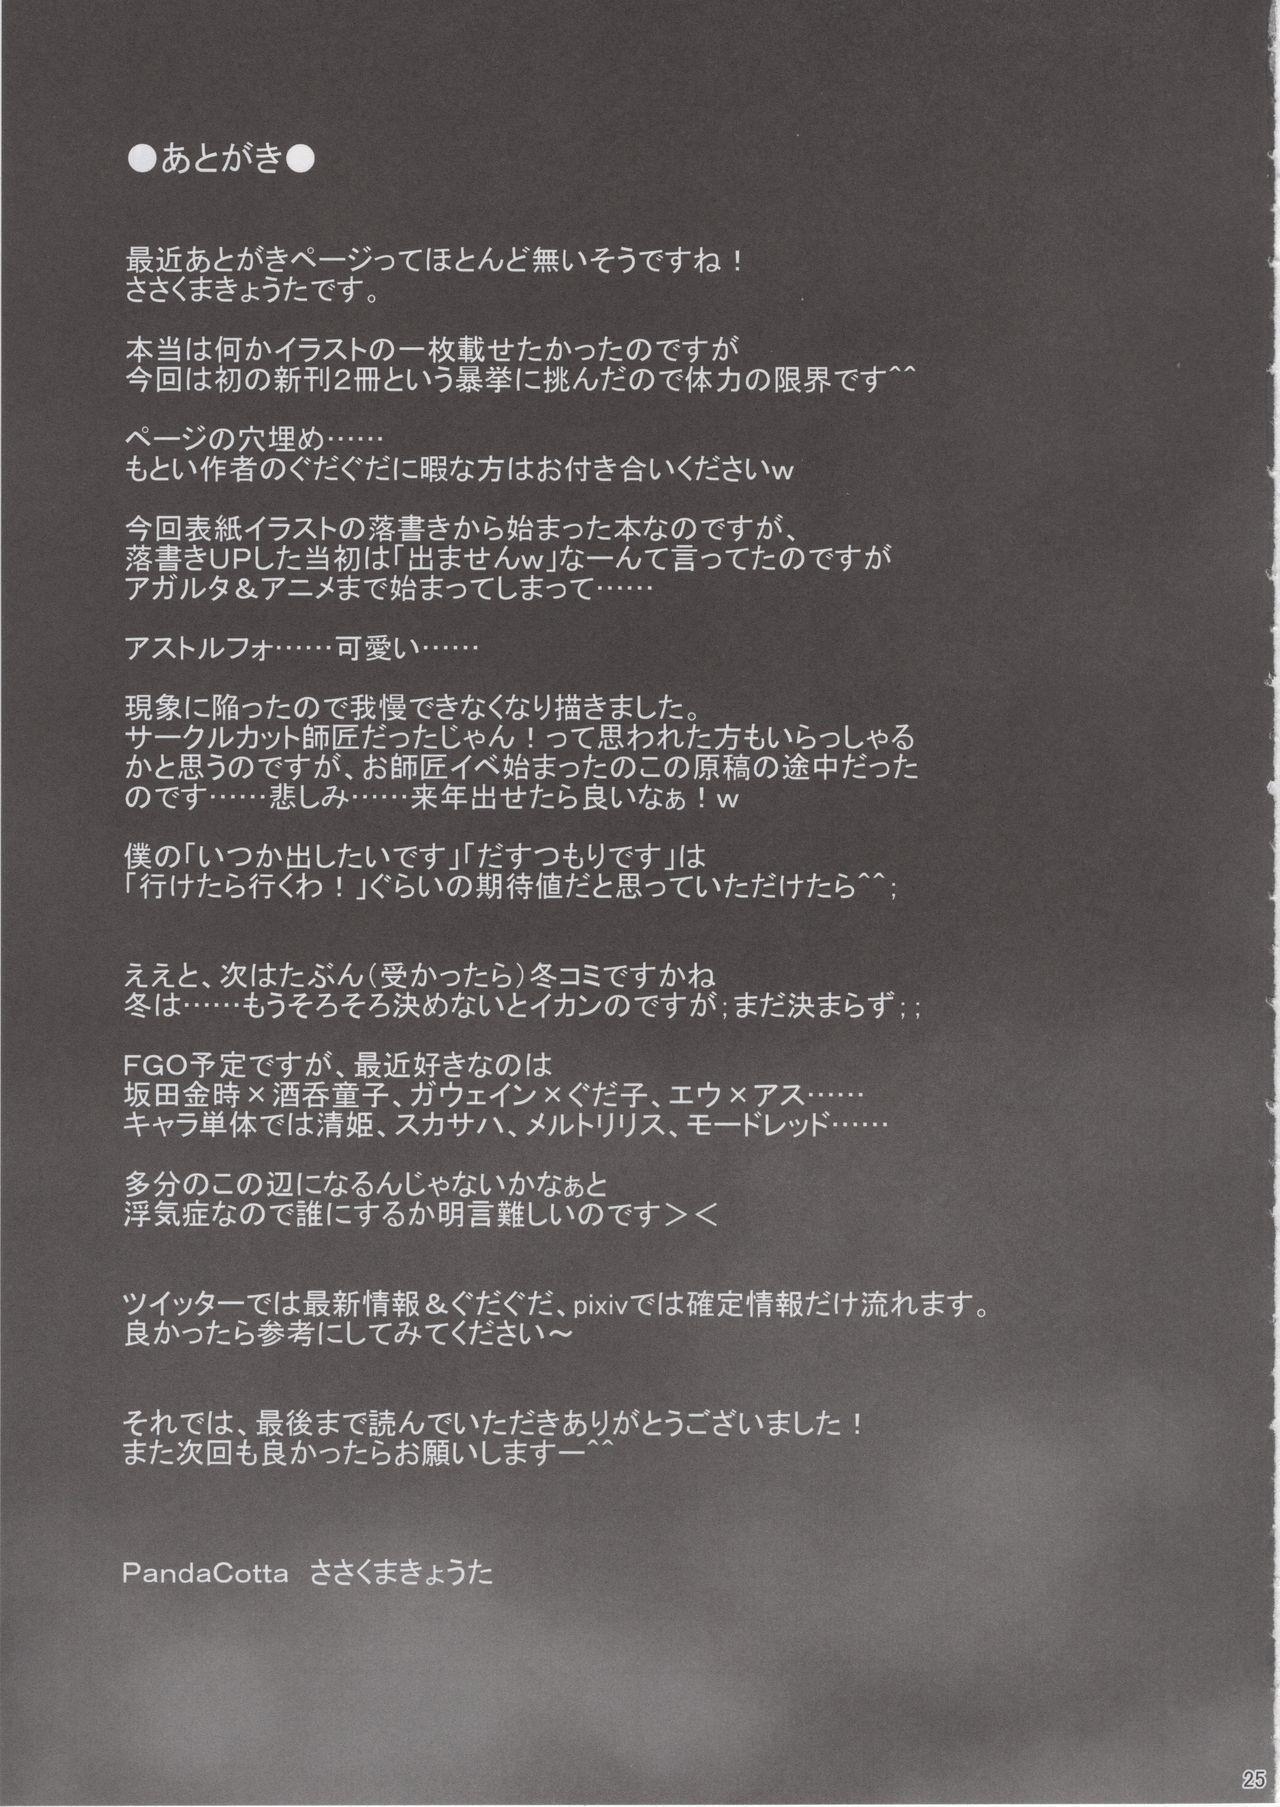 Astolfo-kyun Mitetara Seibetsu Nante Doudemo Yokunarimashita 23